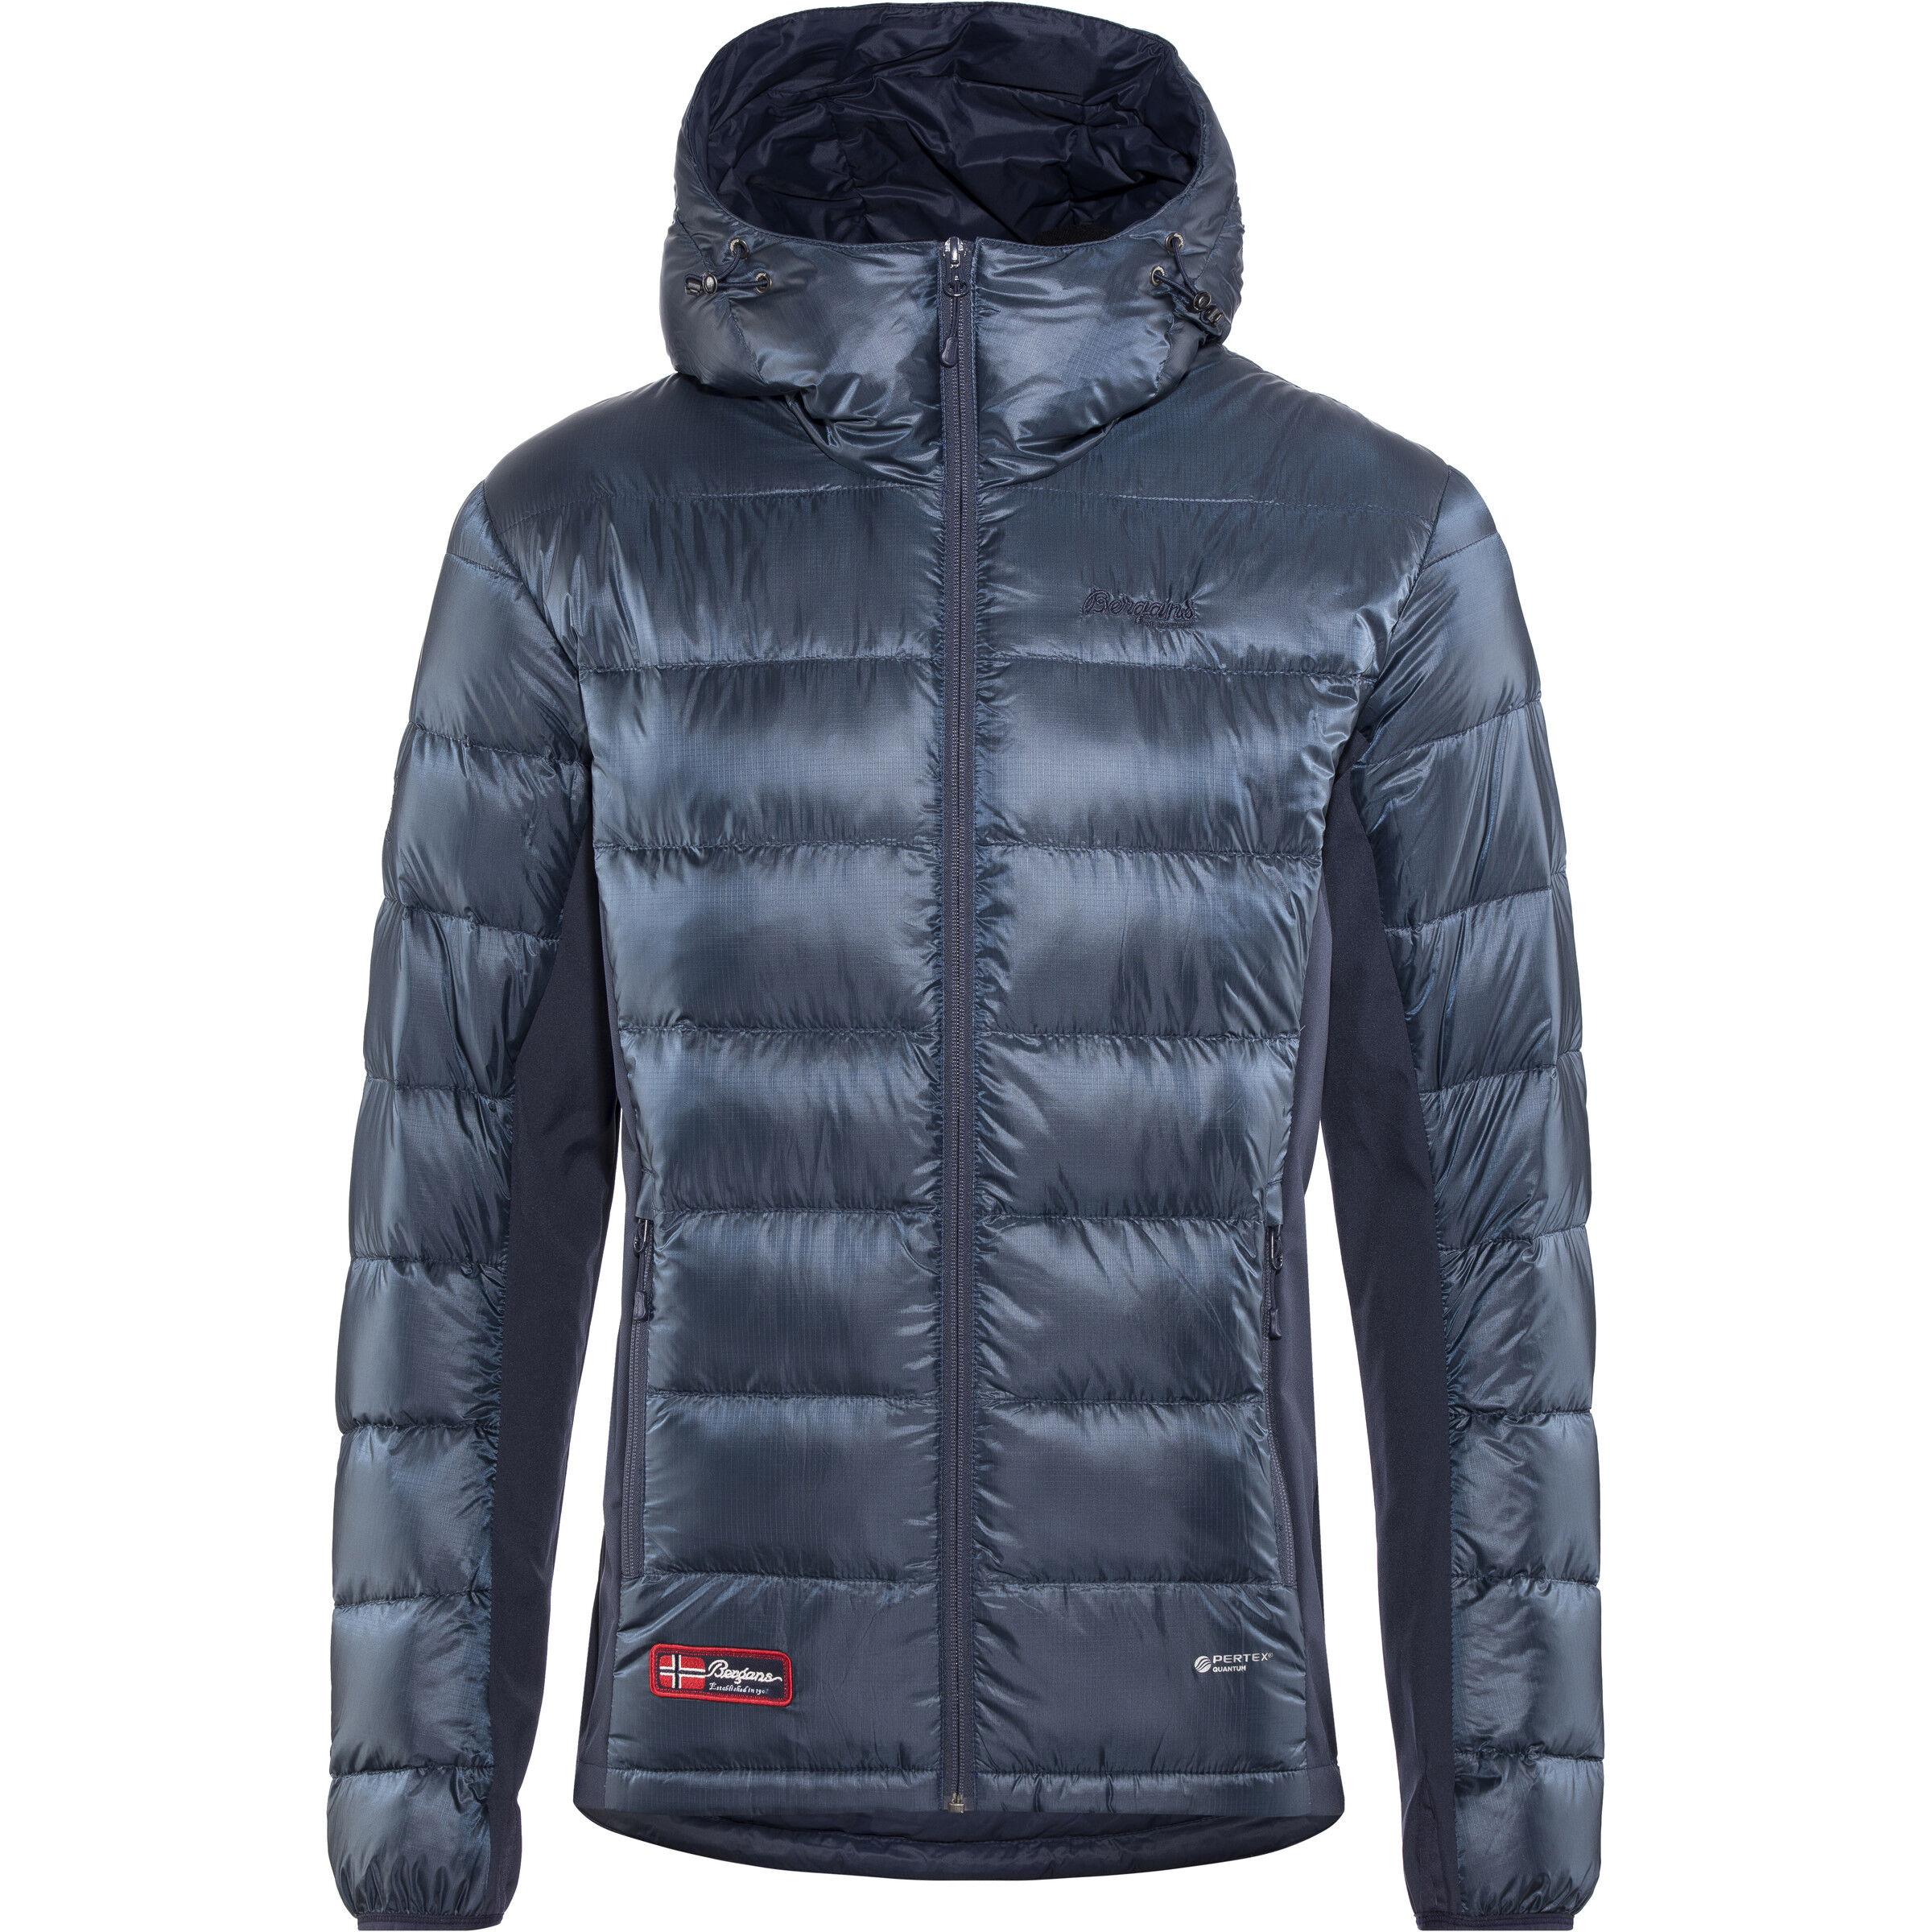 Bergans Jacke Damen & Herren | Bergans Jacken Shop |